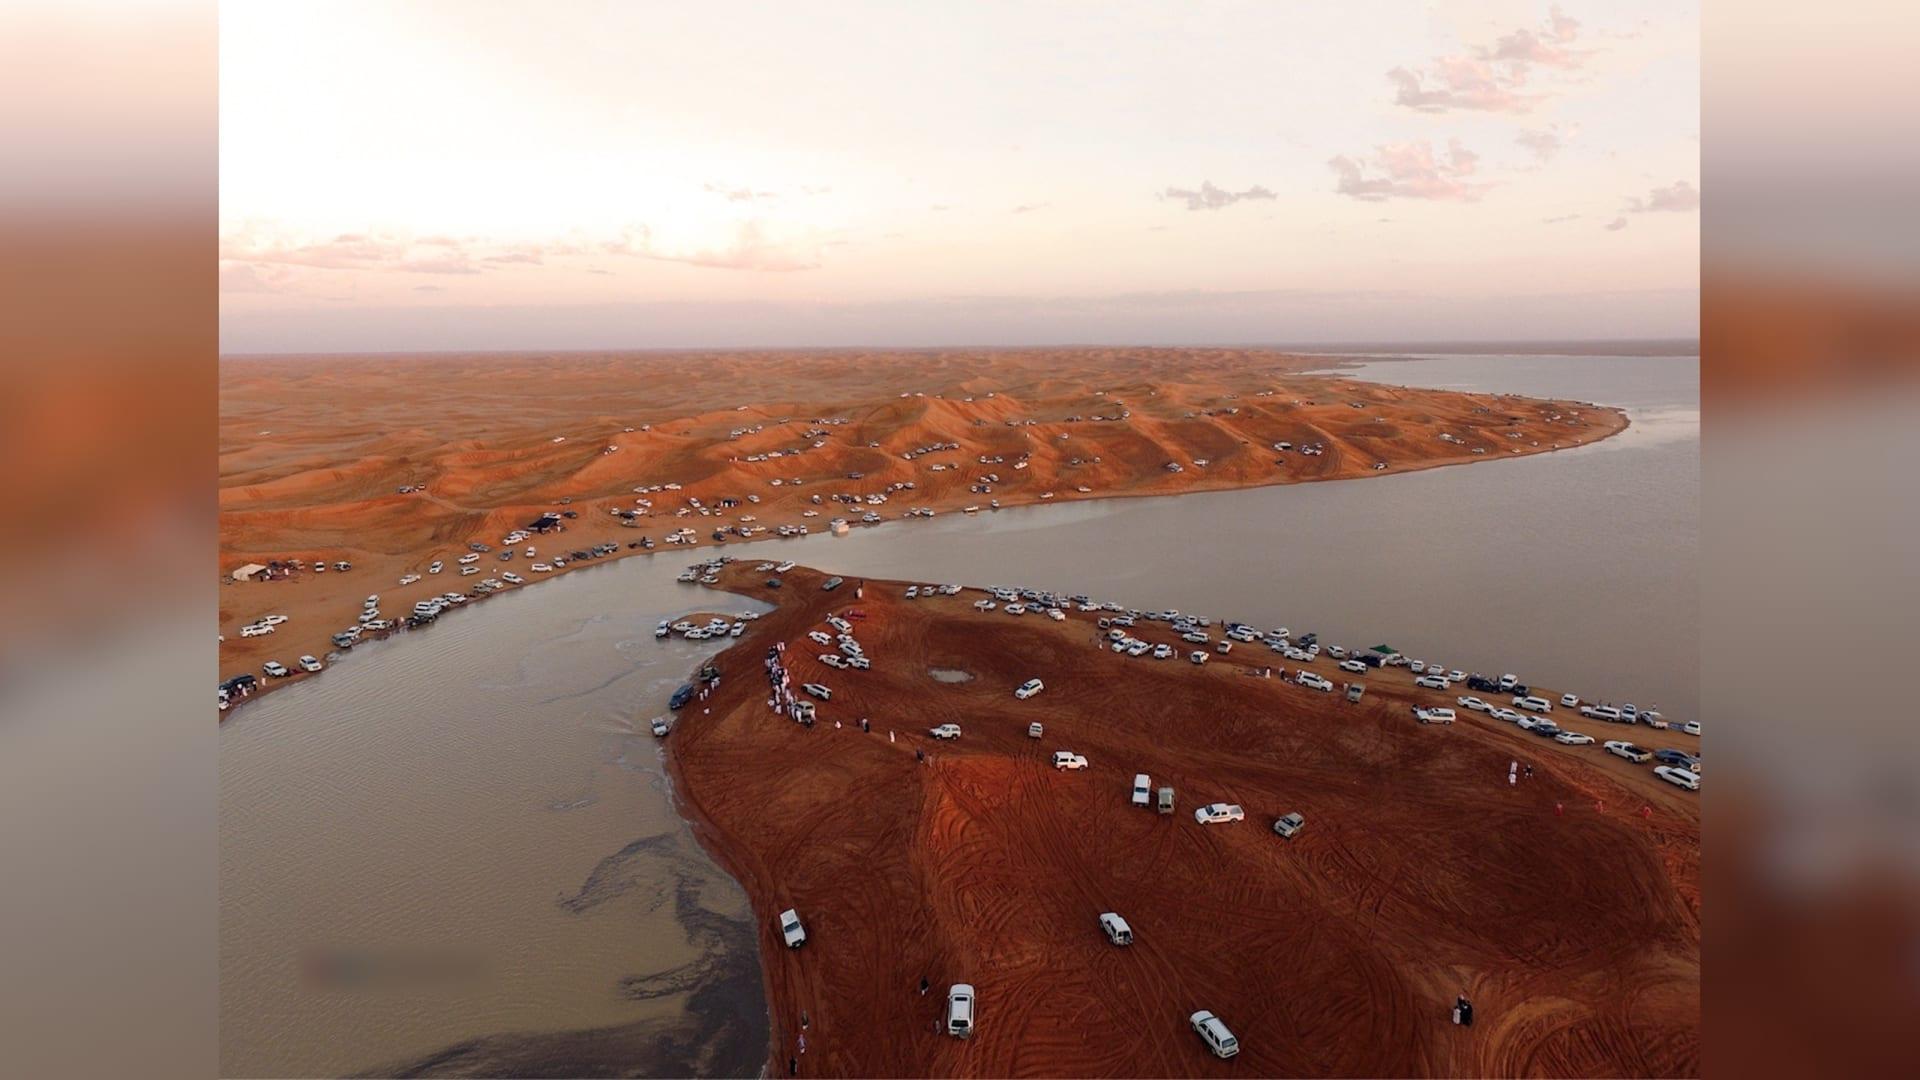 من صحراء قاحلة إلى بحيرات وجزر صغيرة في السعودية.. إليك الصور